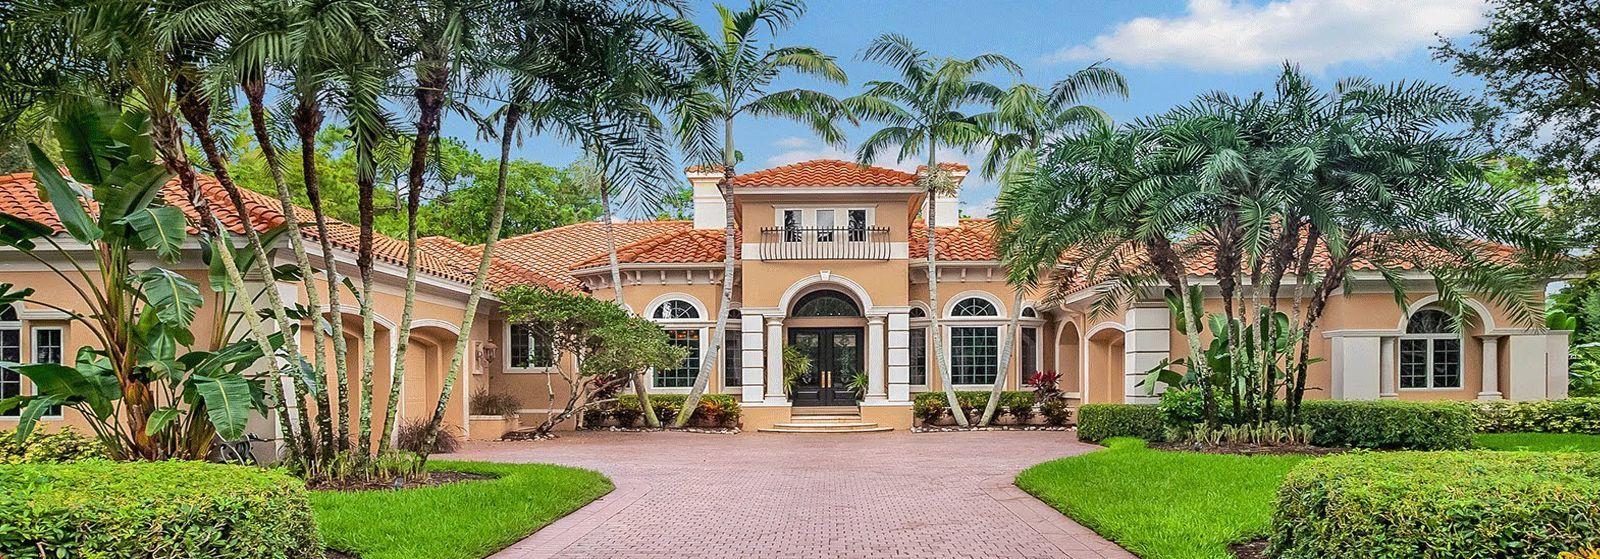 Rental Properties In Miami -JoinBuyersList.com